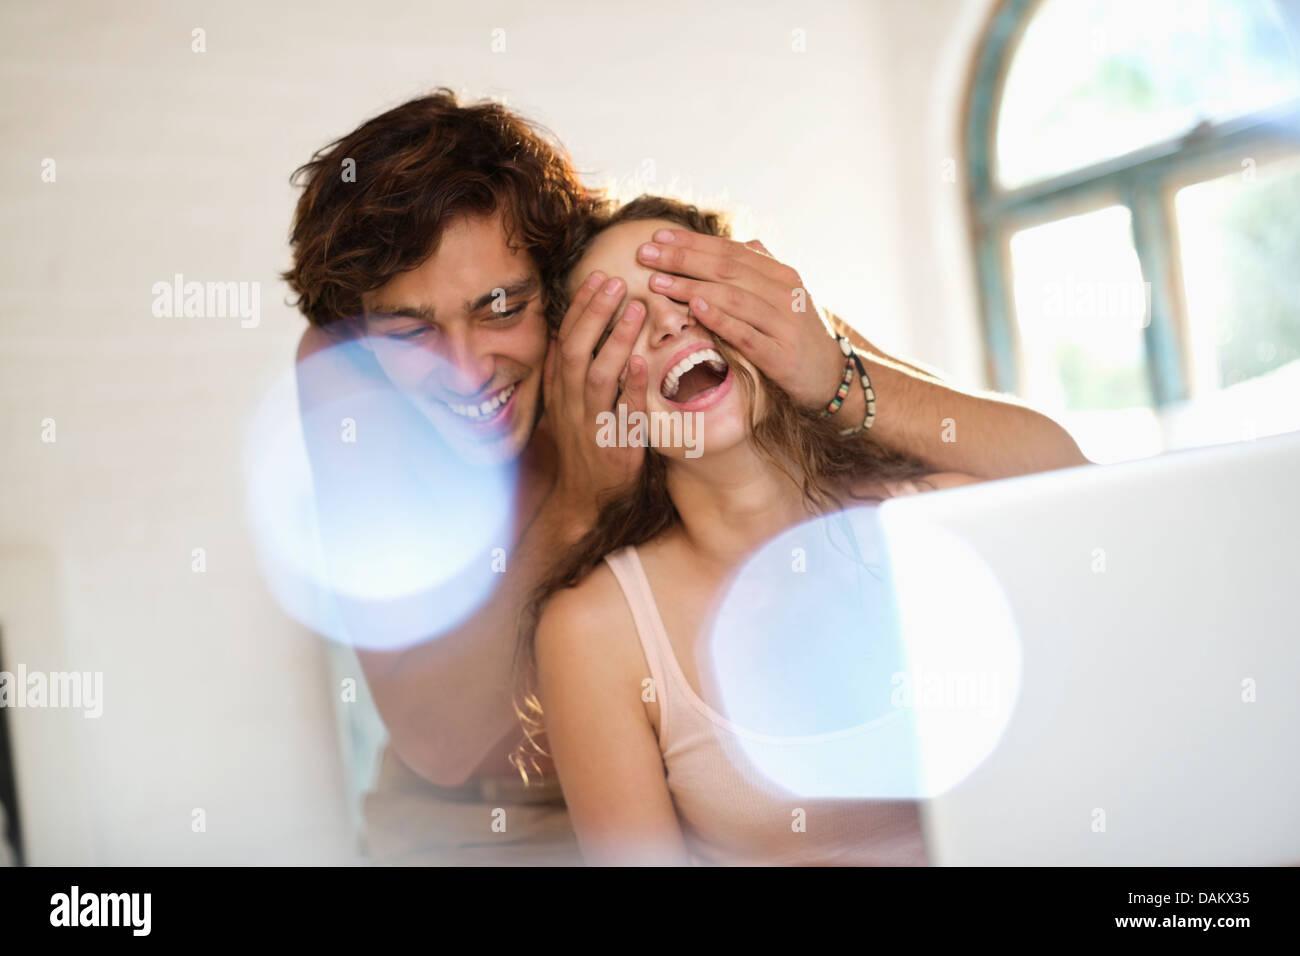 Mann Bedeckung Freundin Augen im Innenbereich Stockfoto